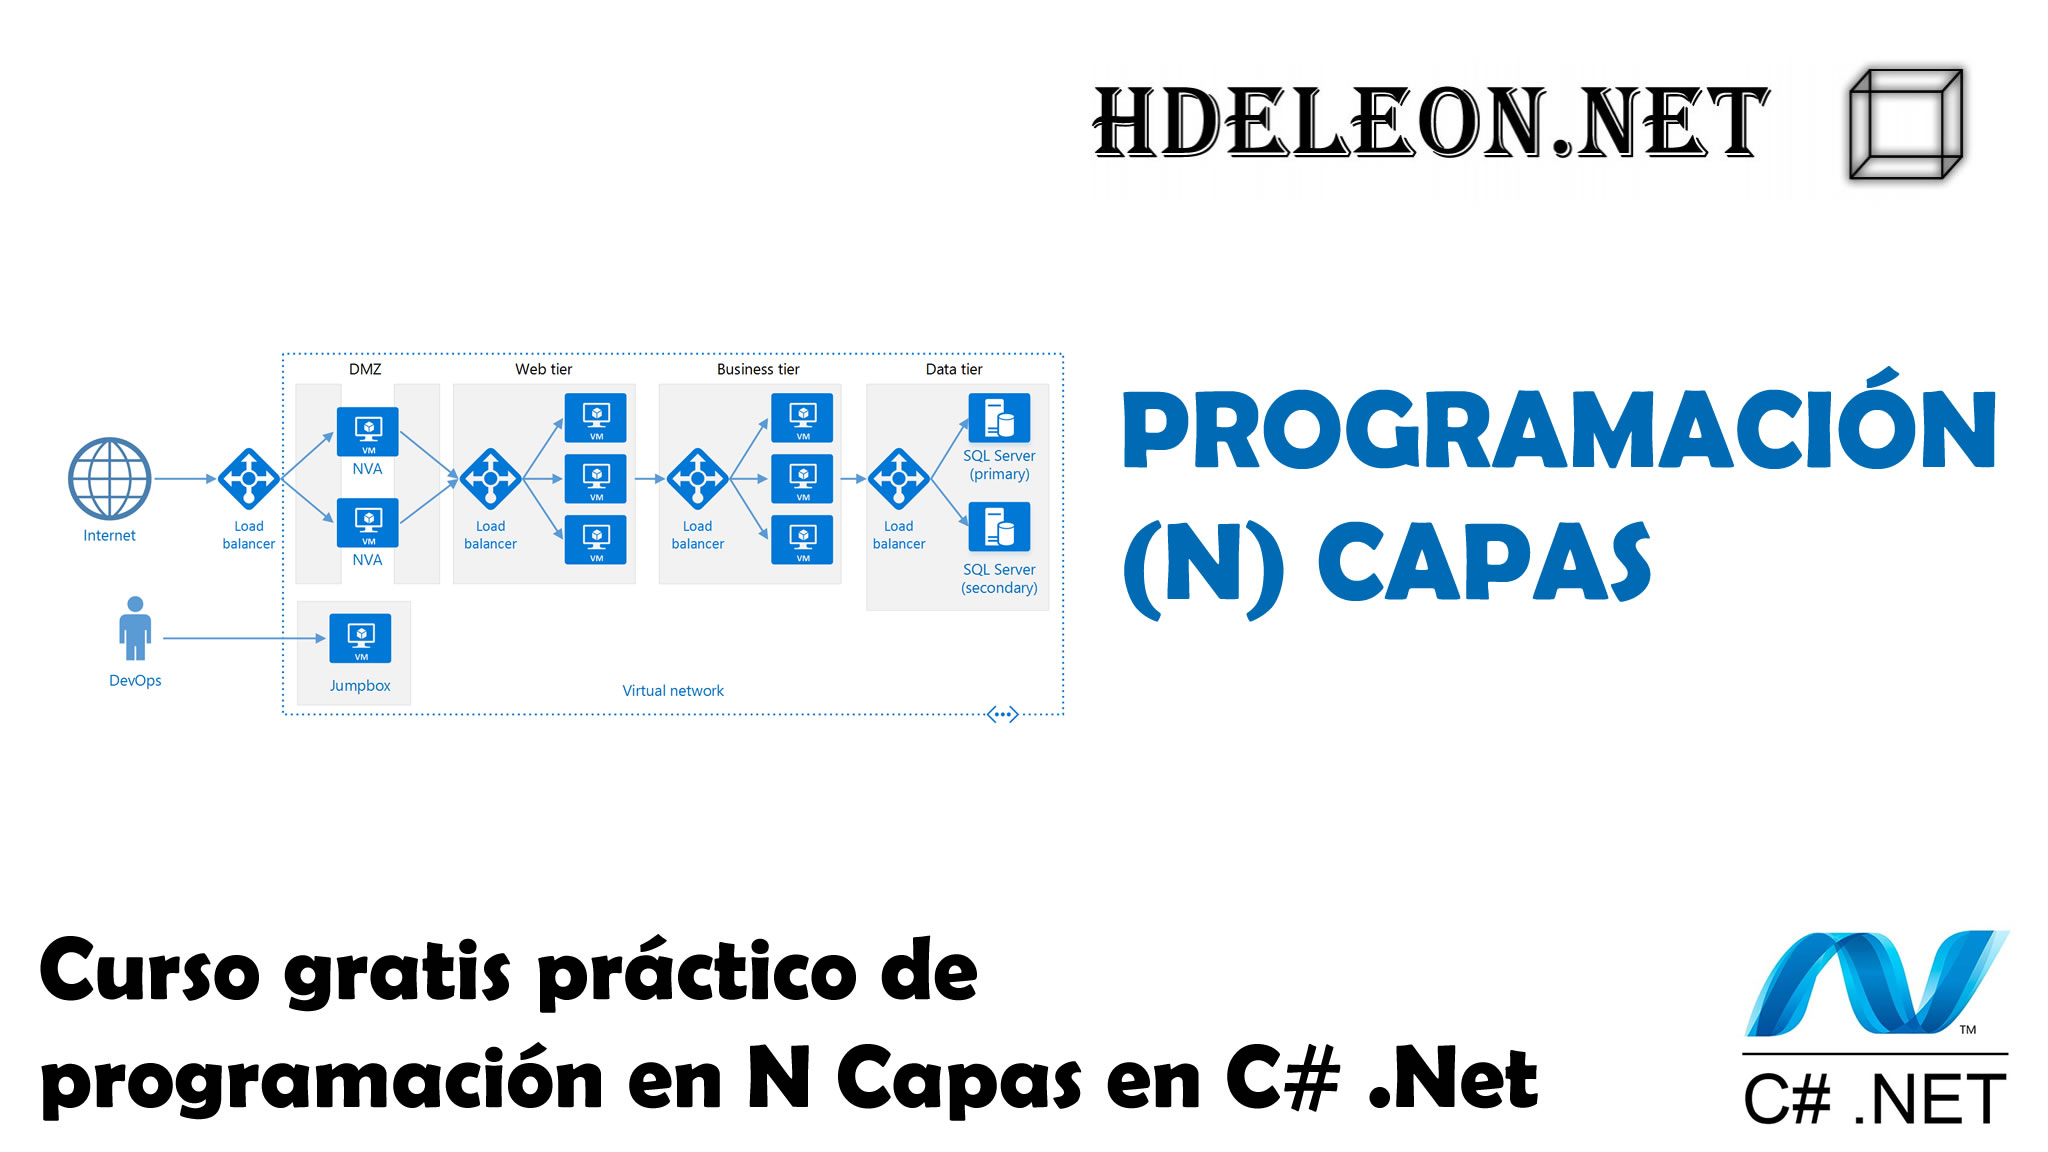 Curso gratis práctico de programación en N Capas en C# .Net